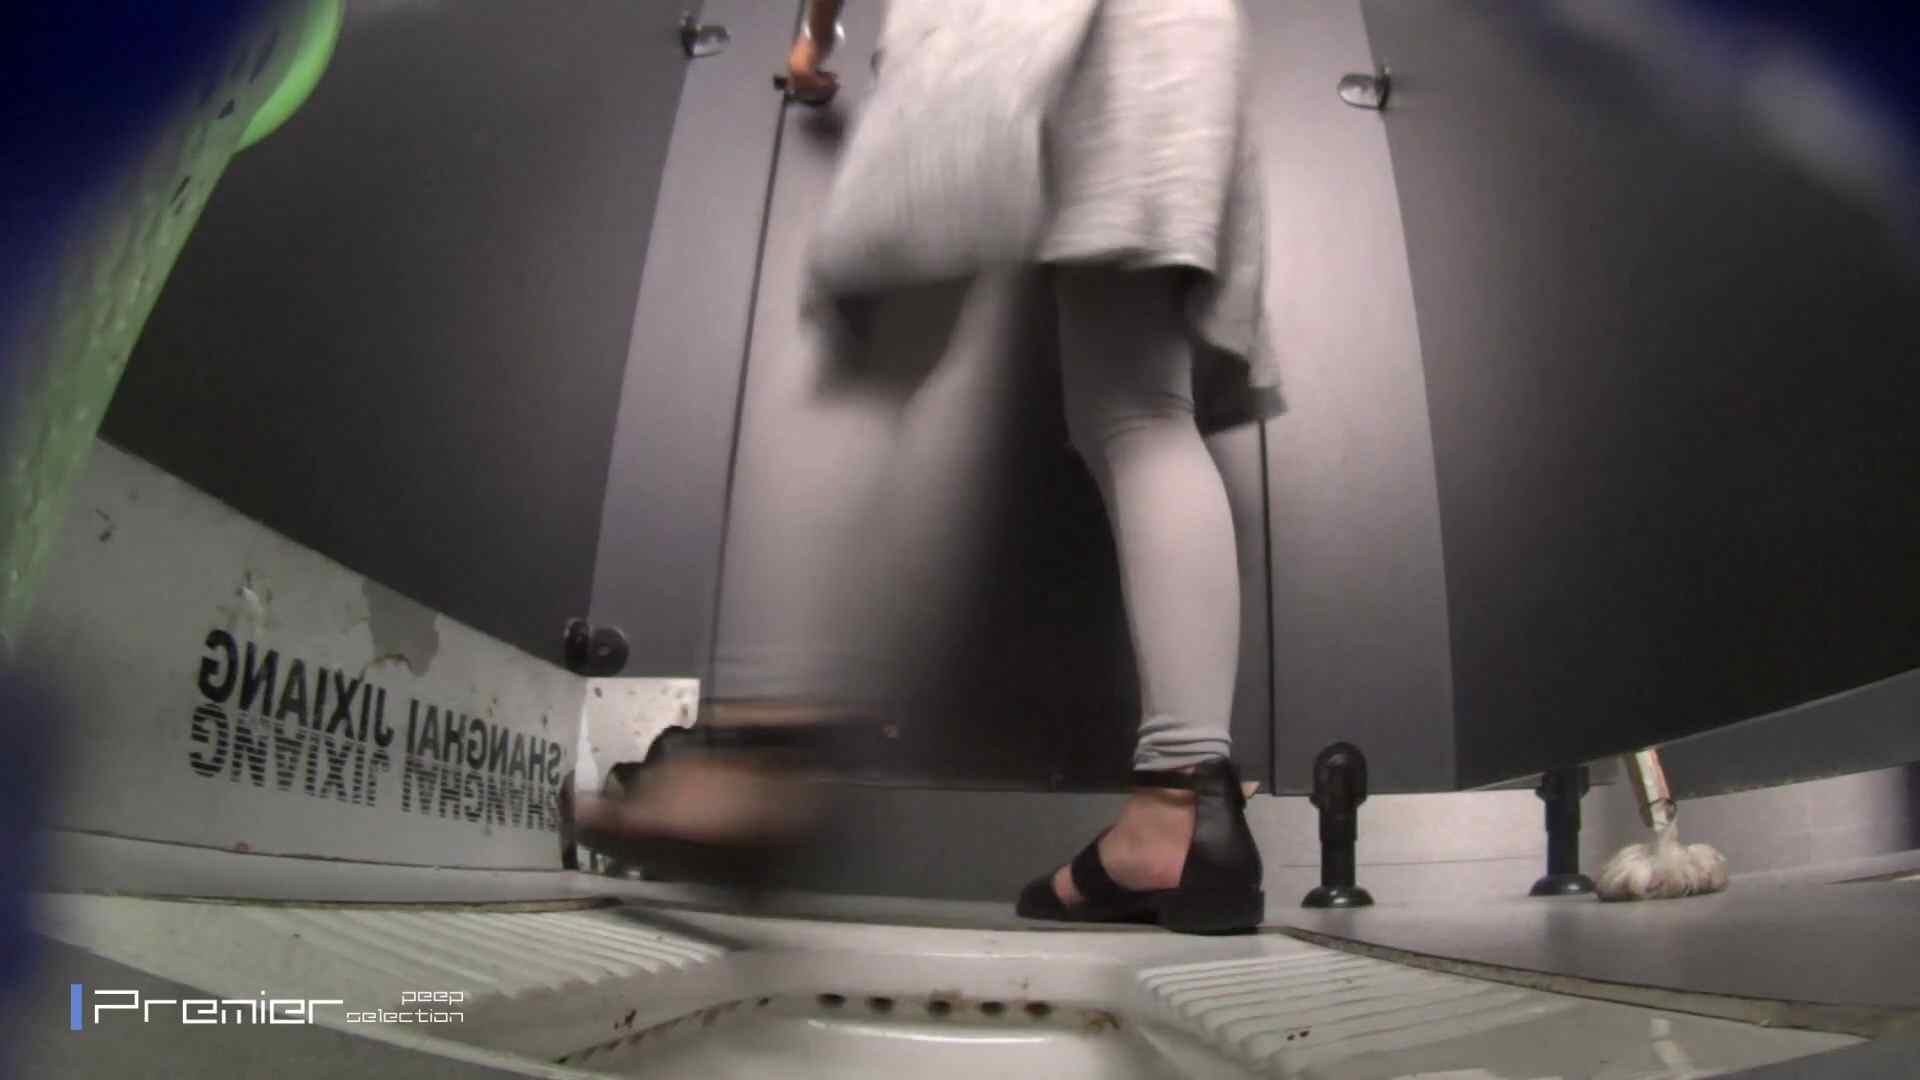 グレースパッツお女市さん 大学休憩時間の洗面所事情31 お姉さん ワレメ動画紹介 88pic 43